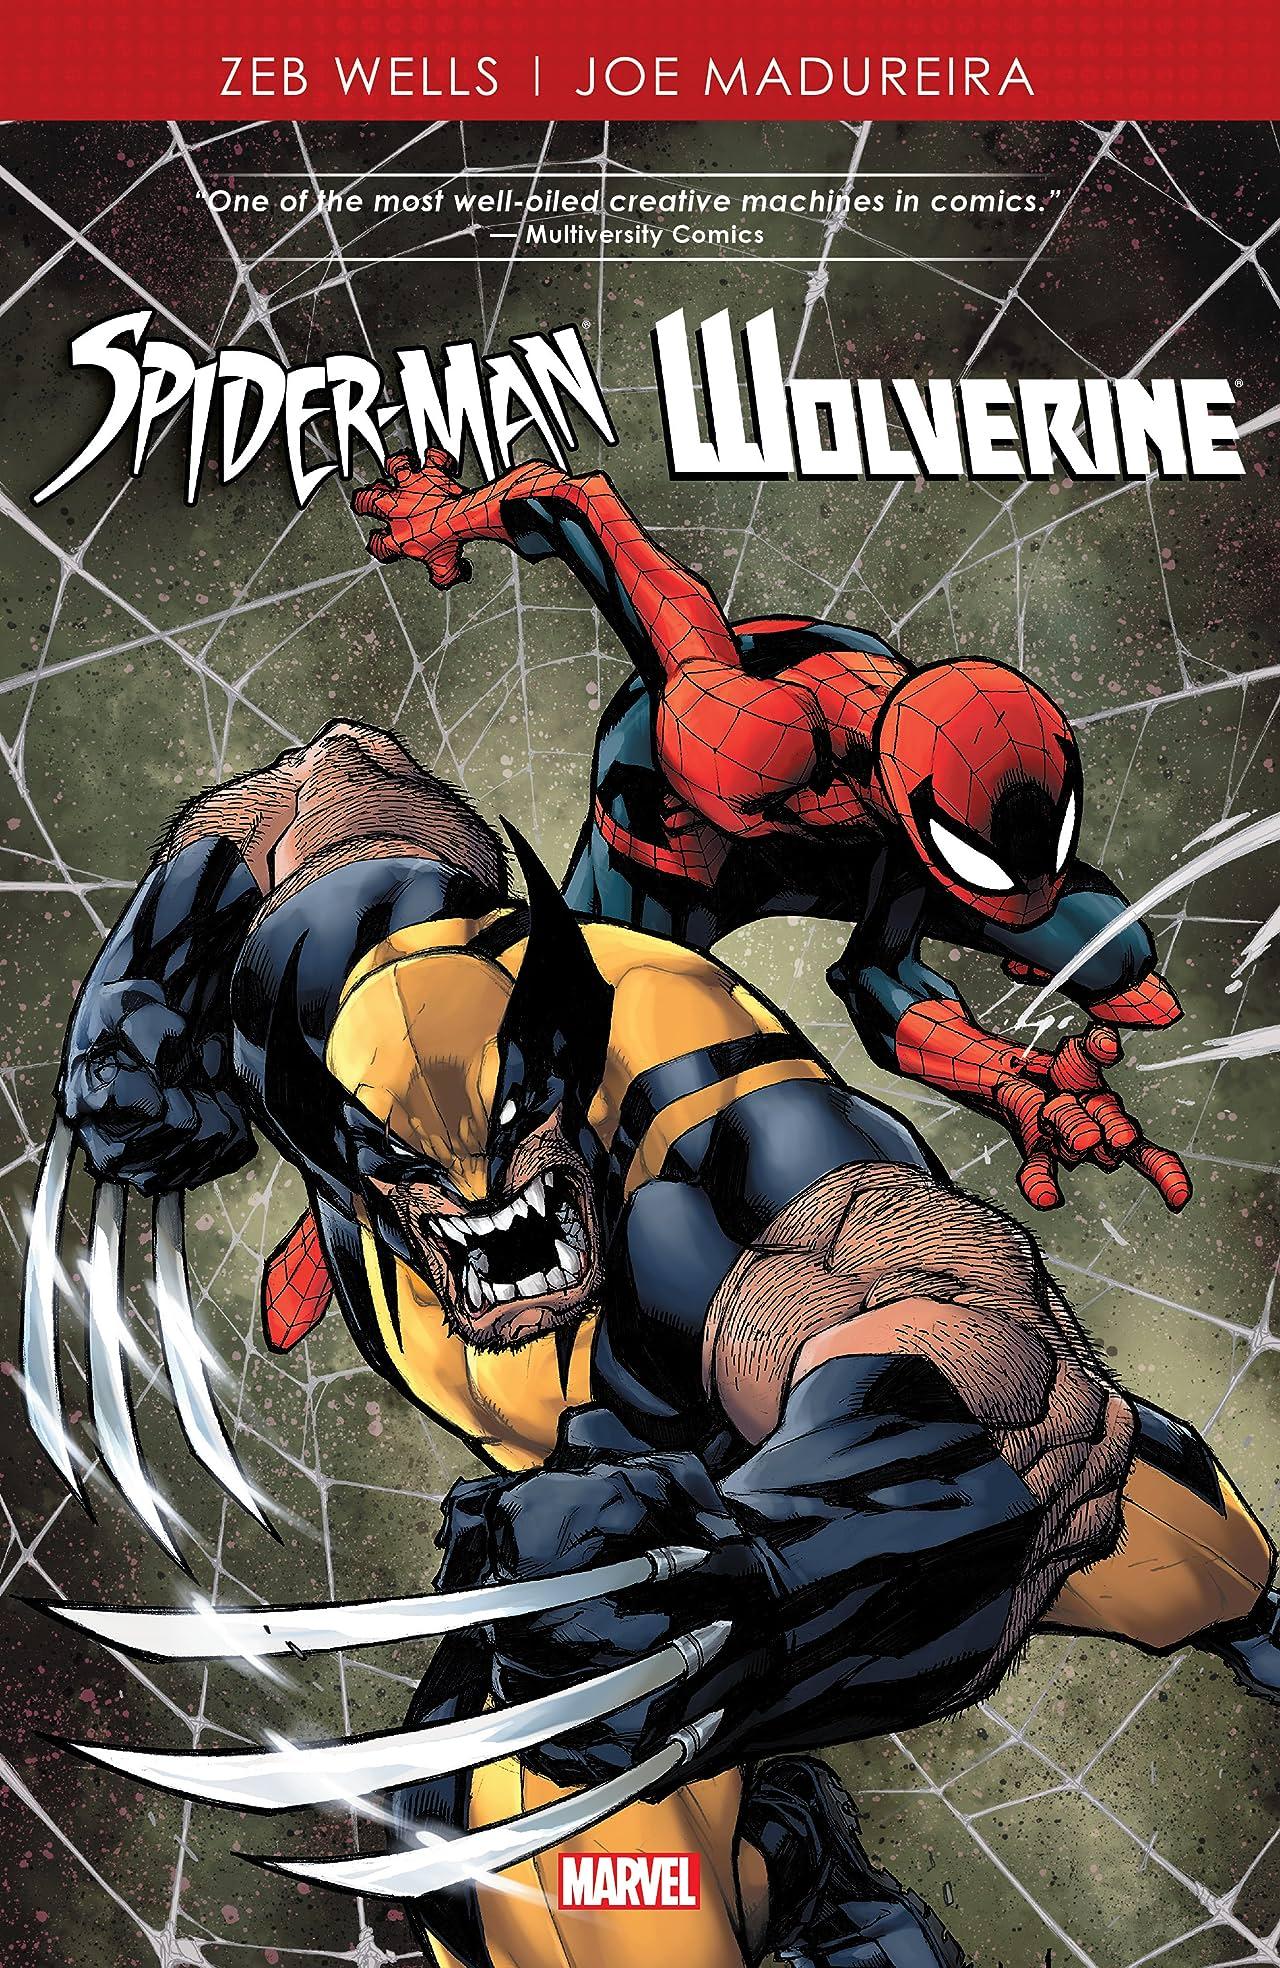 Spider-Man and Wolverine by Wells & Madureira